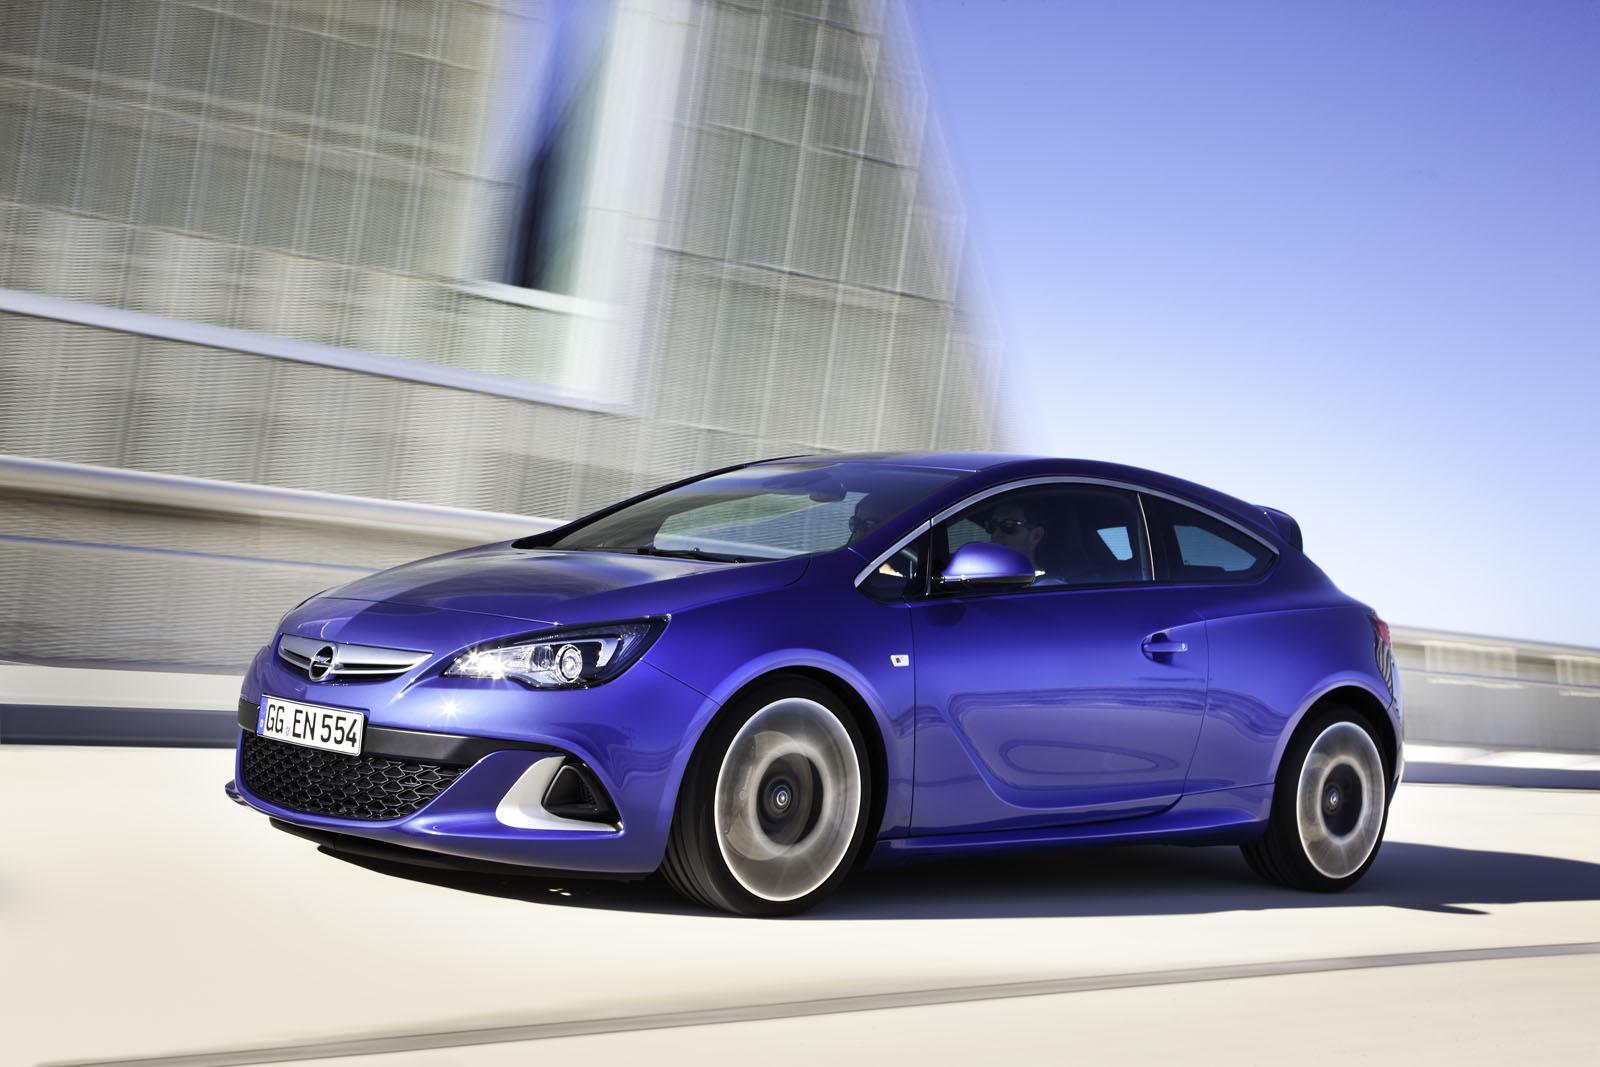 Riwal888 - Blog: New Opel Astra J OPC